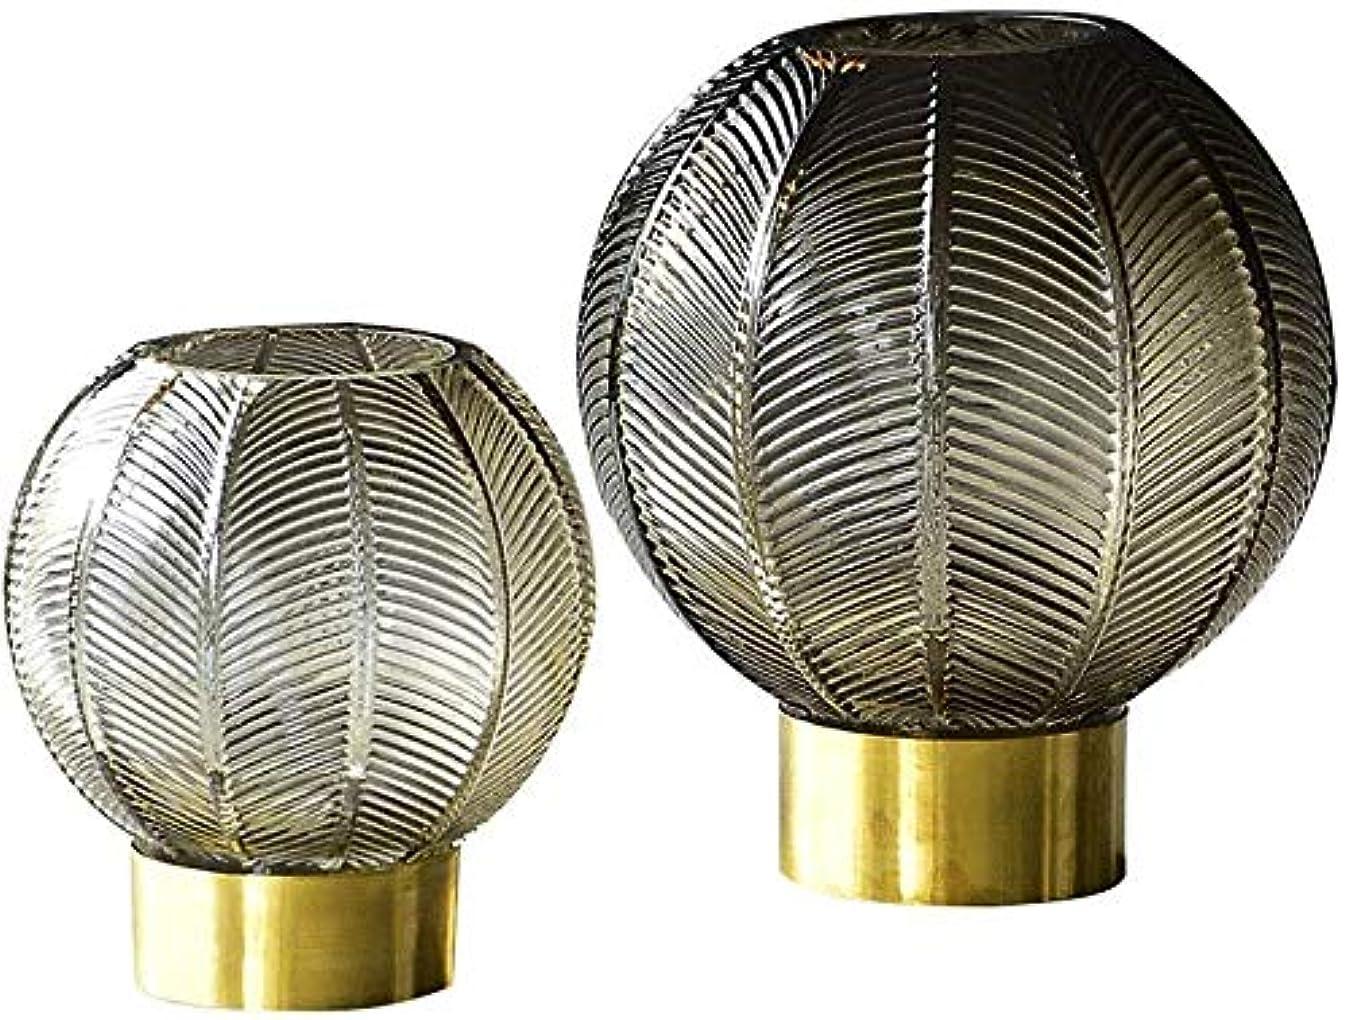 移植一杯軍花器 色ガラスの花瓶金属銅ボールスモークグレーゴールド工場フラワーフラワーアレンジメントドライフラワー17 * 16 * 9センチメートル